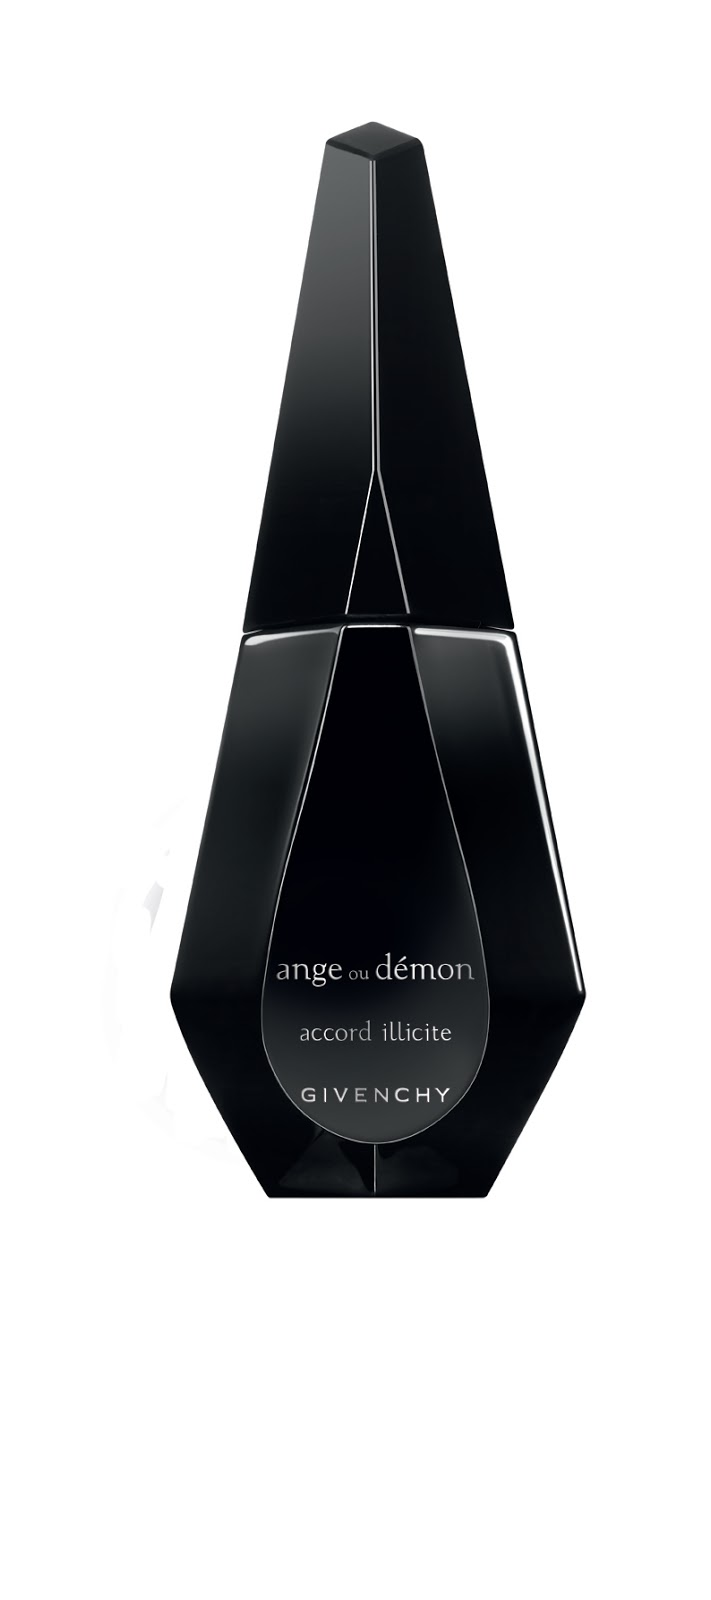 ange_ou_démon_le_parfum_ son_accord_illicite_02